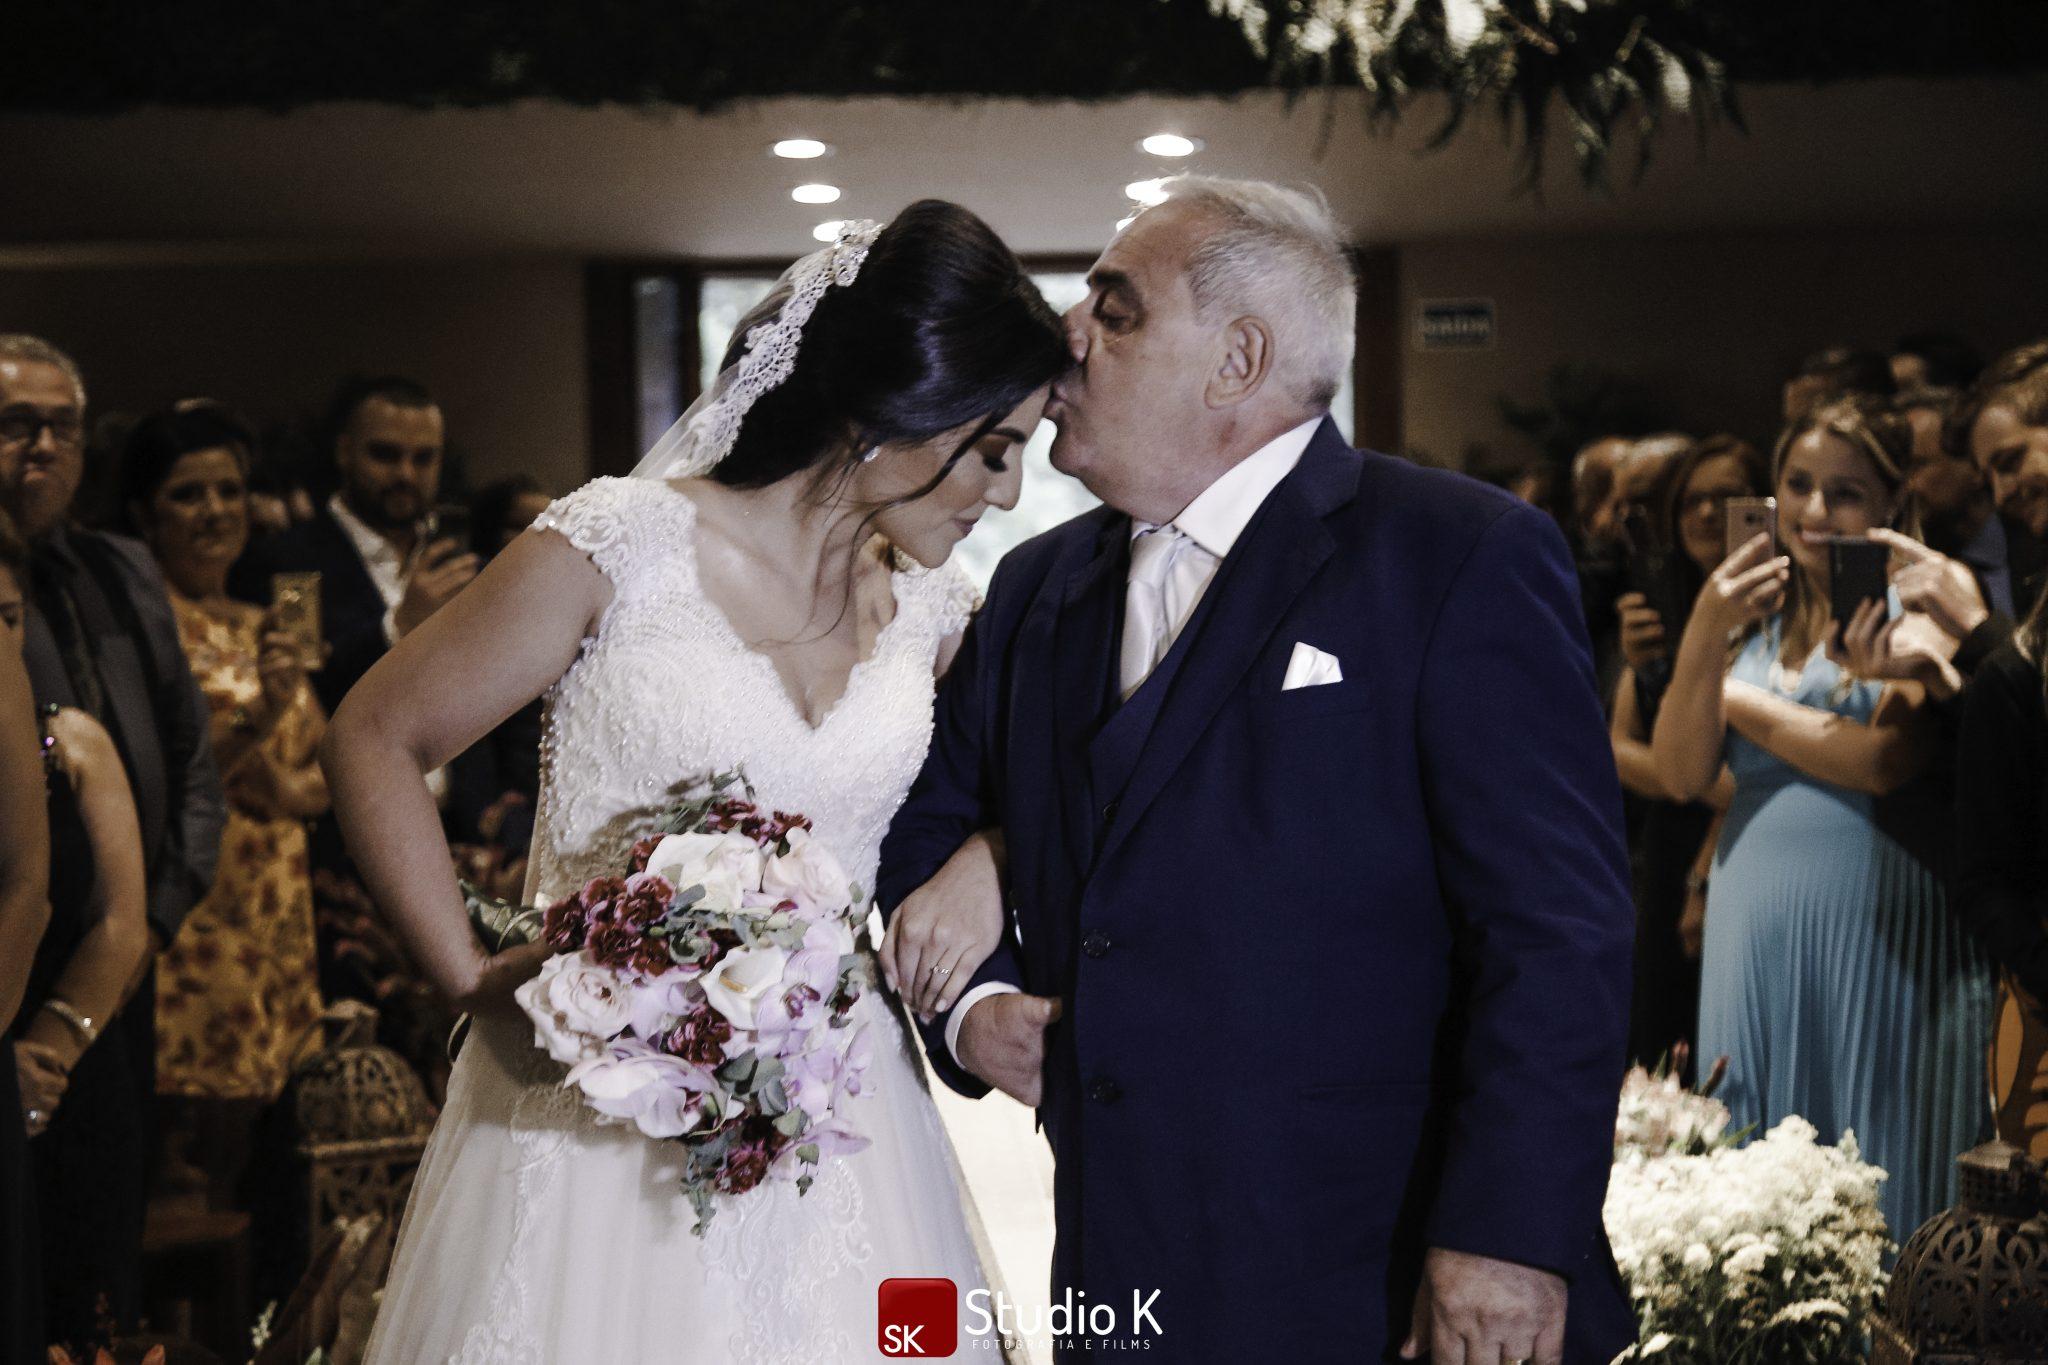 pai da noiva beijando sua testa, casamento geração Z e geração Millenials